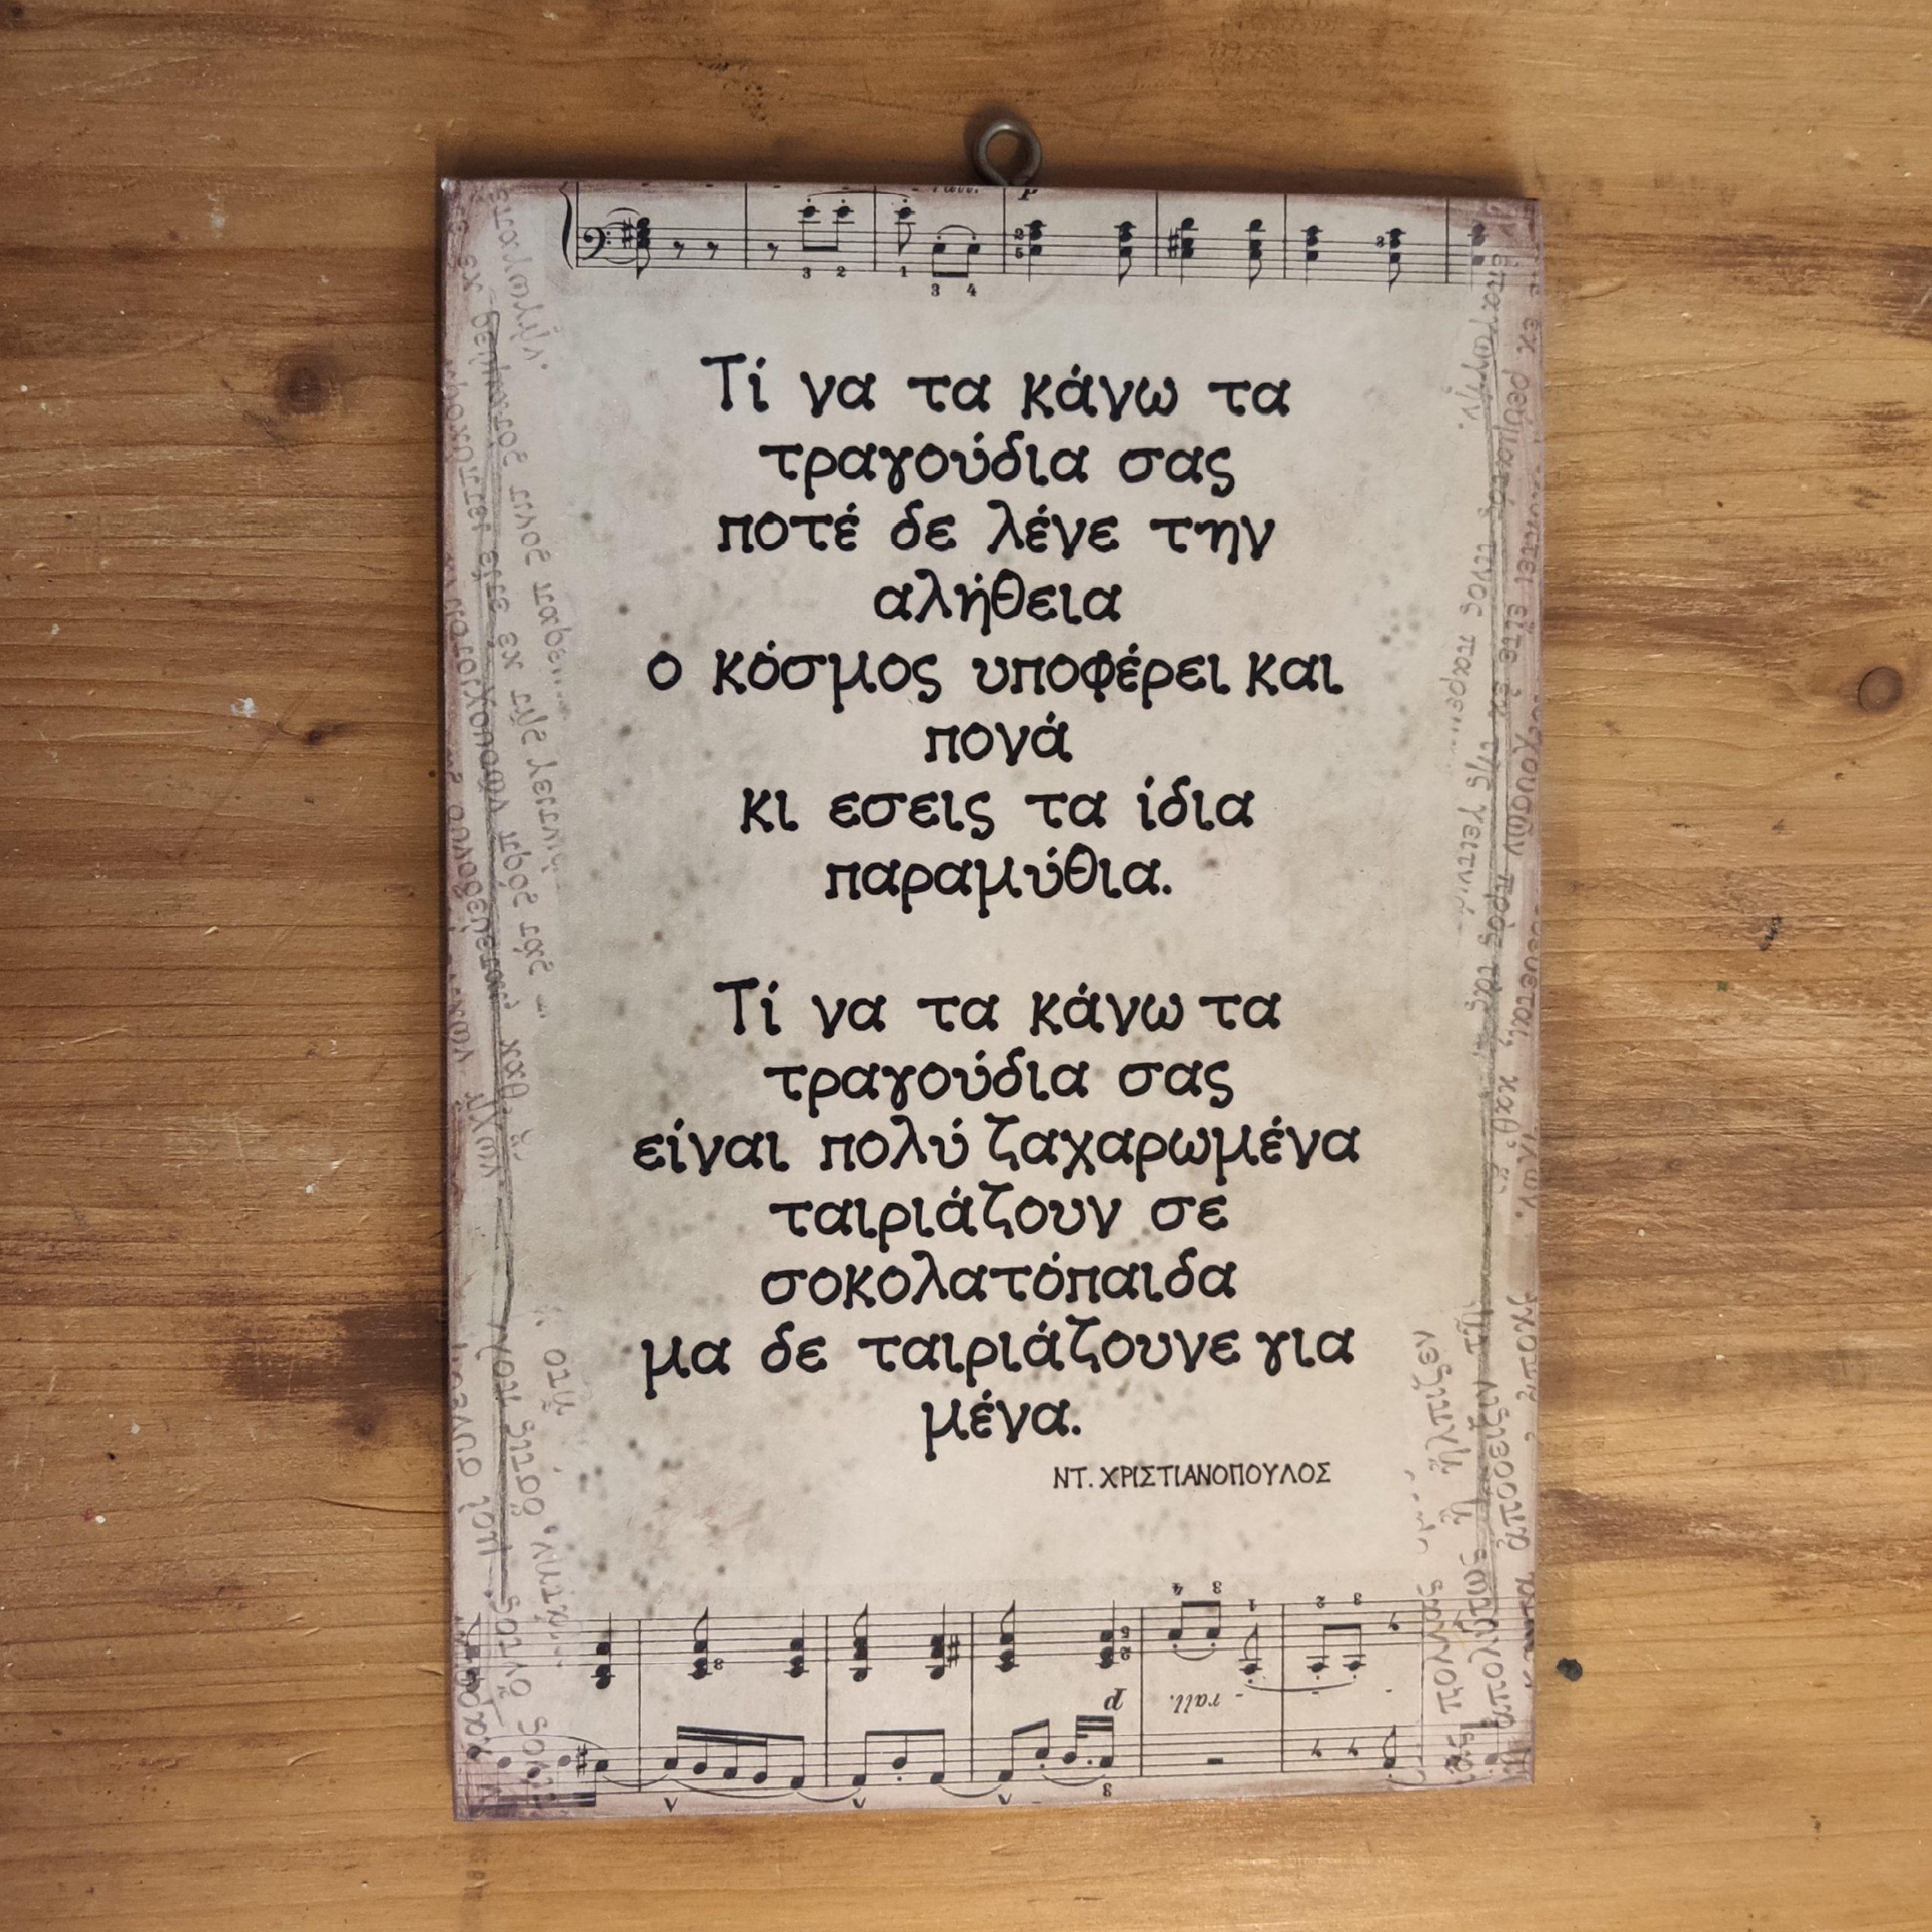 Ξύλινη πινακίδα – Τι να τα κάνω…